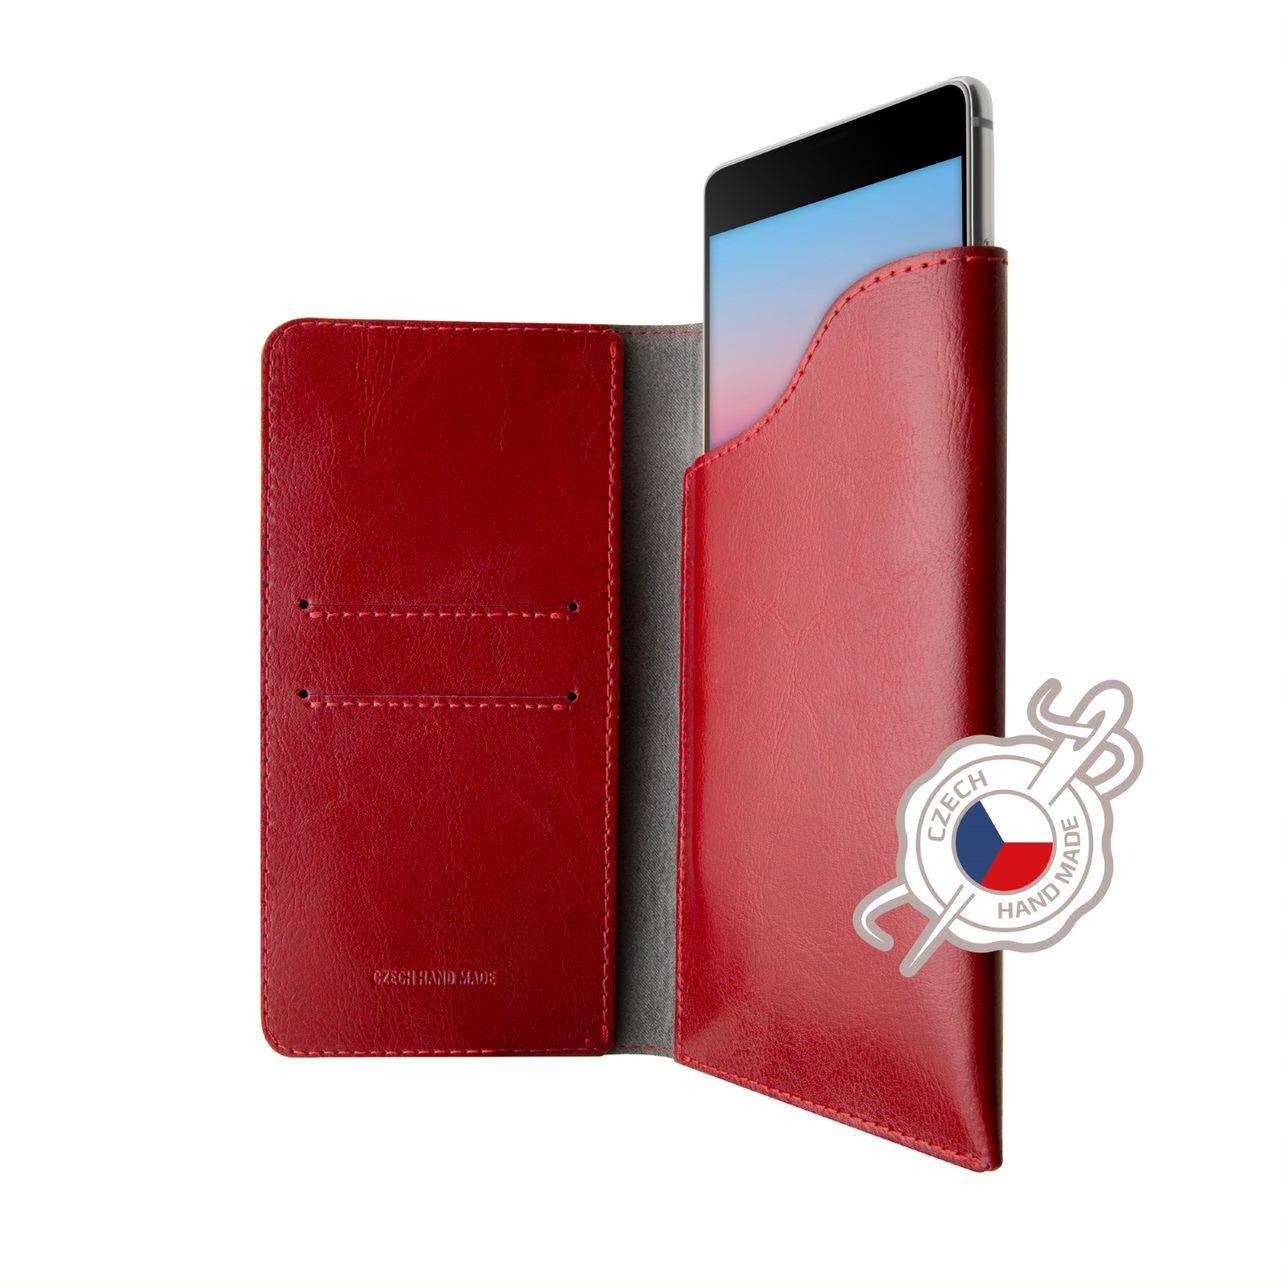 Kožené pouzdro FIXED Pocket Book pro Apple iPhone 6/6S/7/8/SE (2020), červené